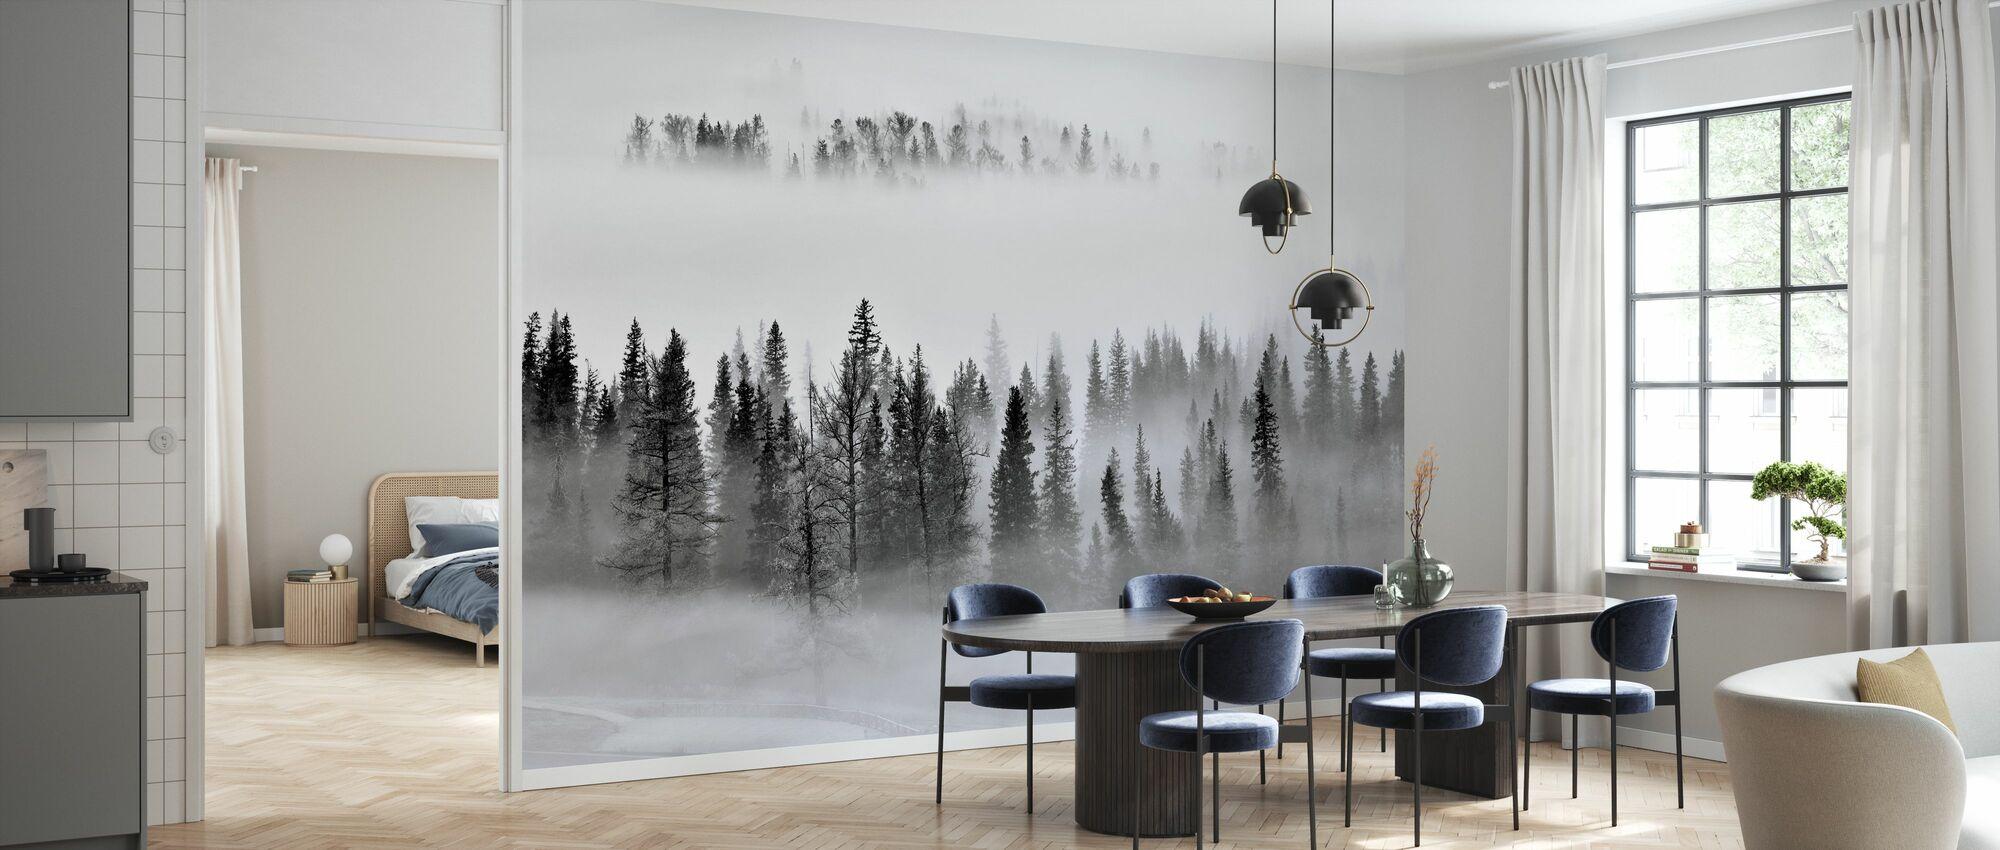 Foggy Forest - Wallpaper - Kitchen